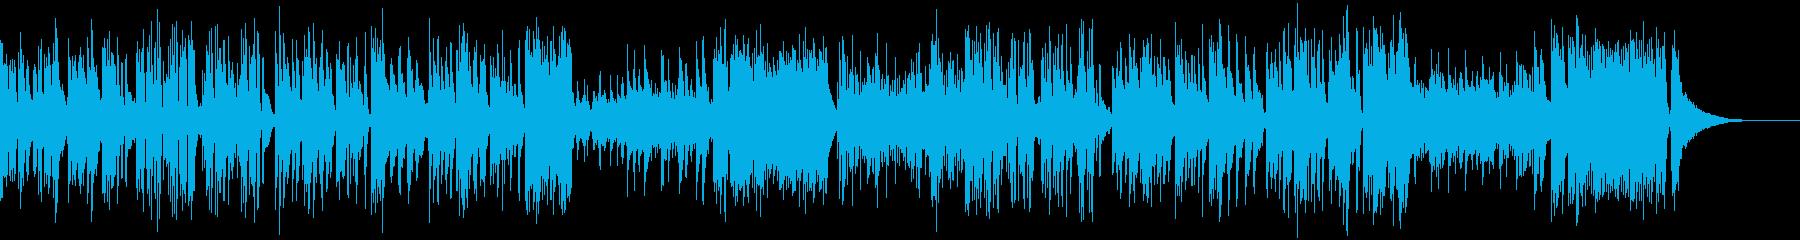 ラテン系 センチメンタル 感情的 ...の再生済みの波形